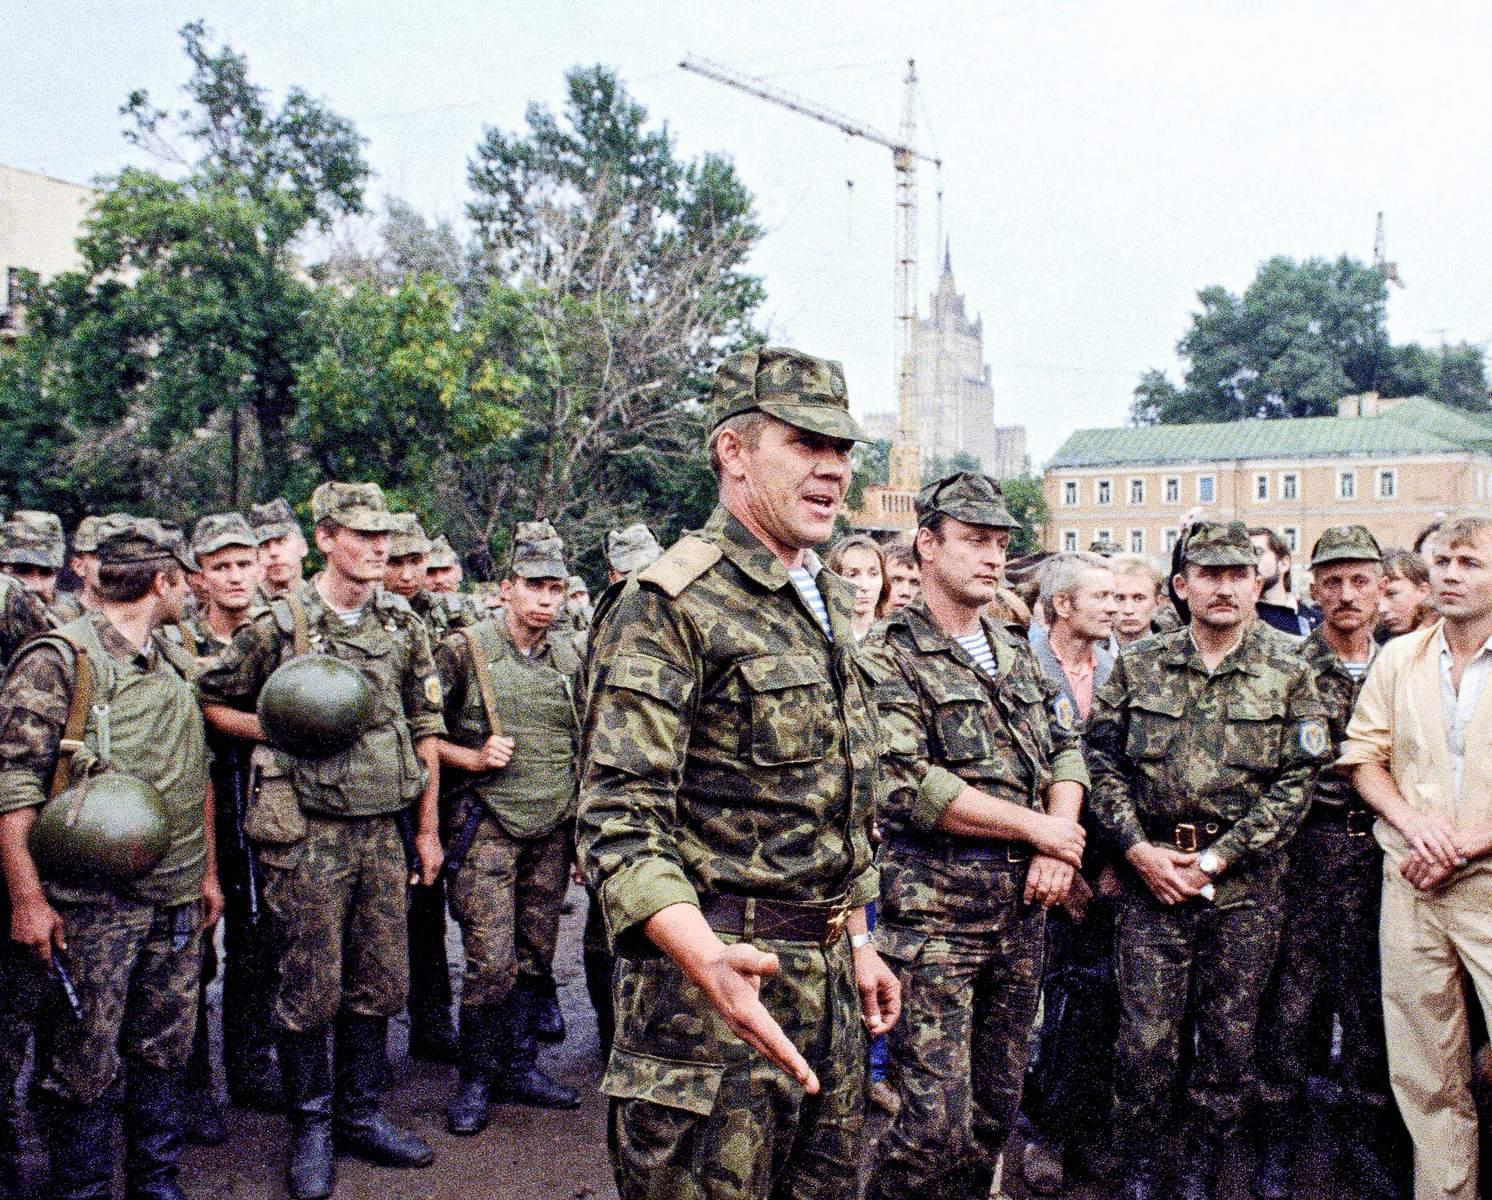 Генерал Александр Лебедь в событиях августа 1991‑го занимал позицию Троянского коня, игравшего свою игру